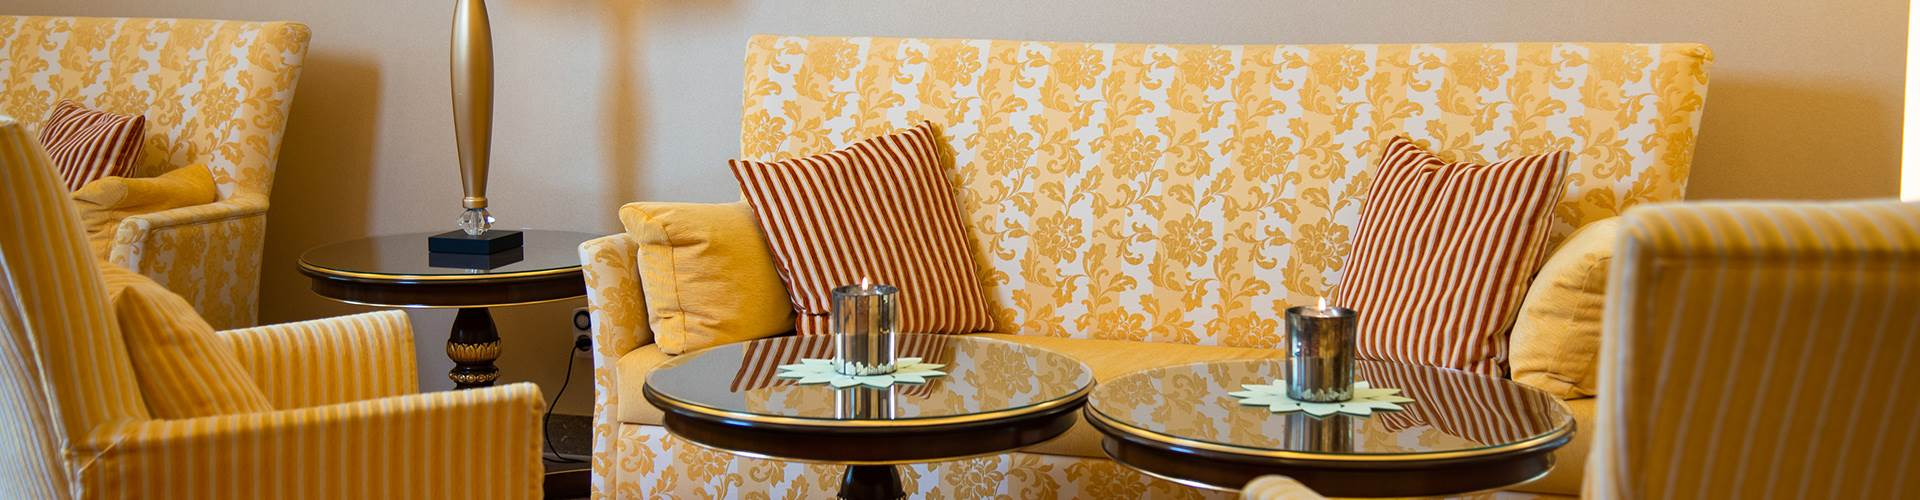 Elegante Sitzmöglichkeiten in einer Hotellobby